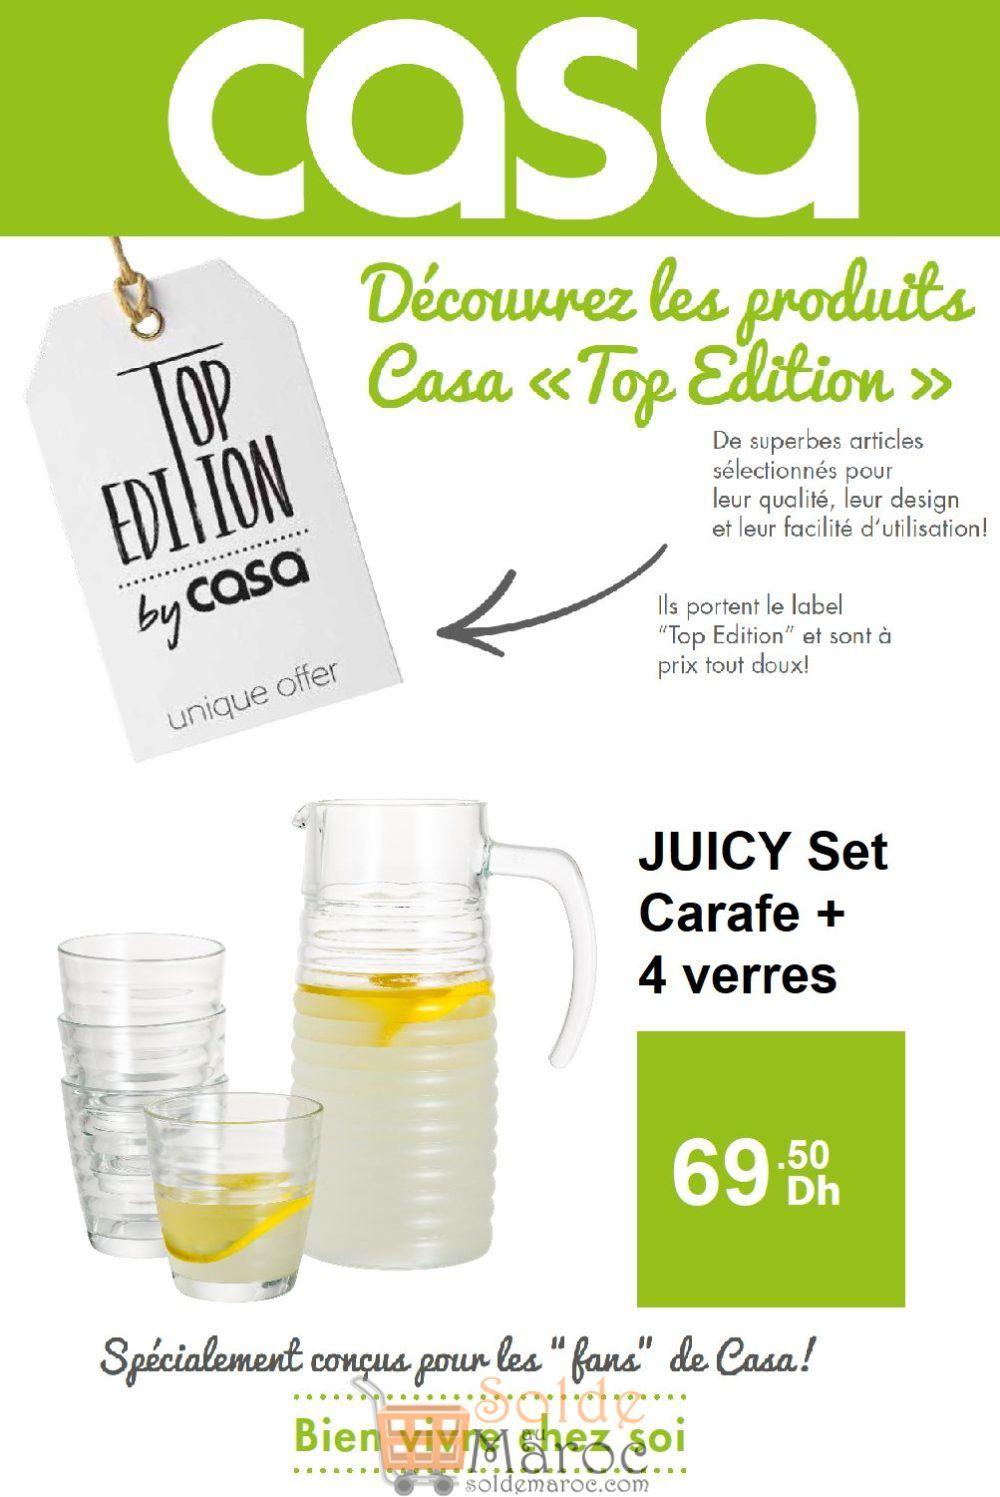 Offre Top Edition Casa Maroc Juicy Set Carafe + 4 verres 69.50Dhs